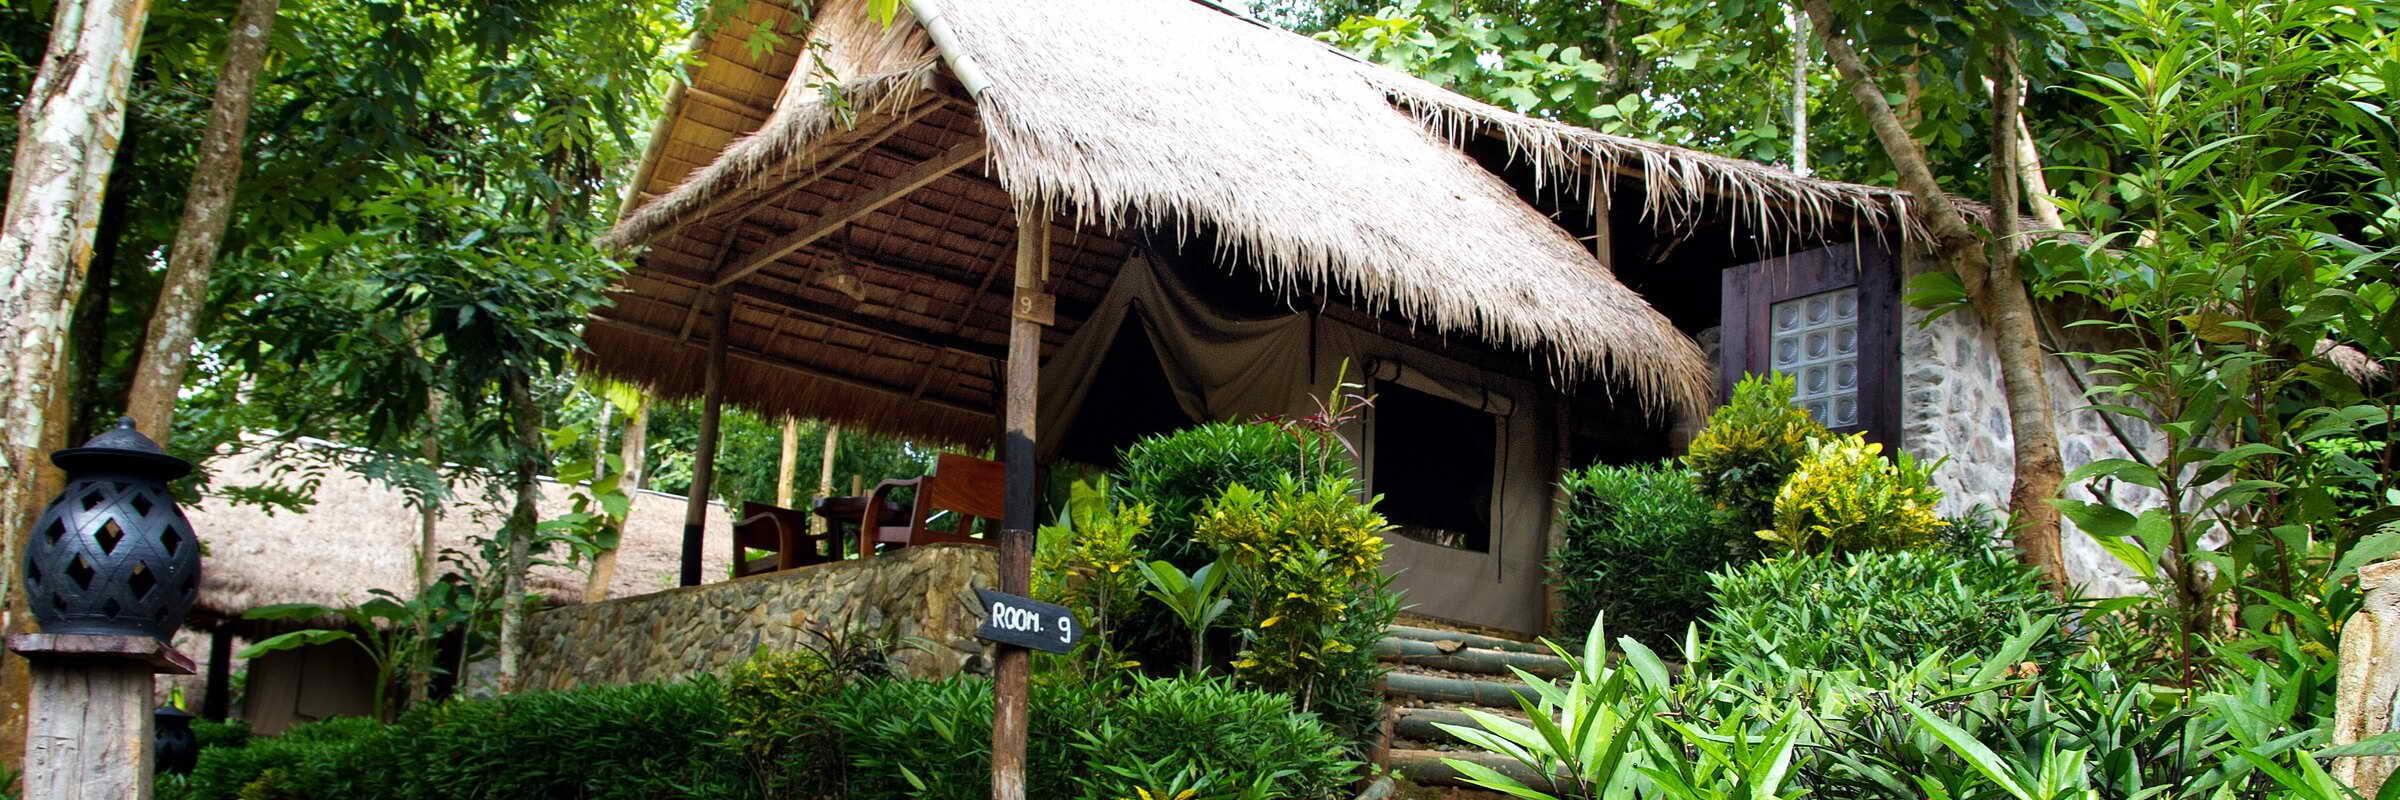 Die Kamu Lodge im Dorf Ngoy Hai in Laos bietet einzigartige Unterkünfte aus Zelttuch mit Strohdächern.